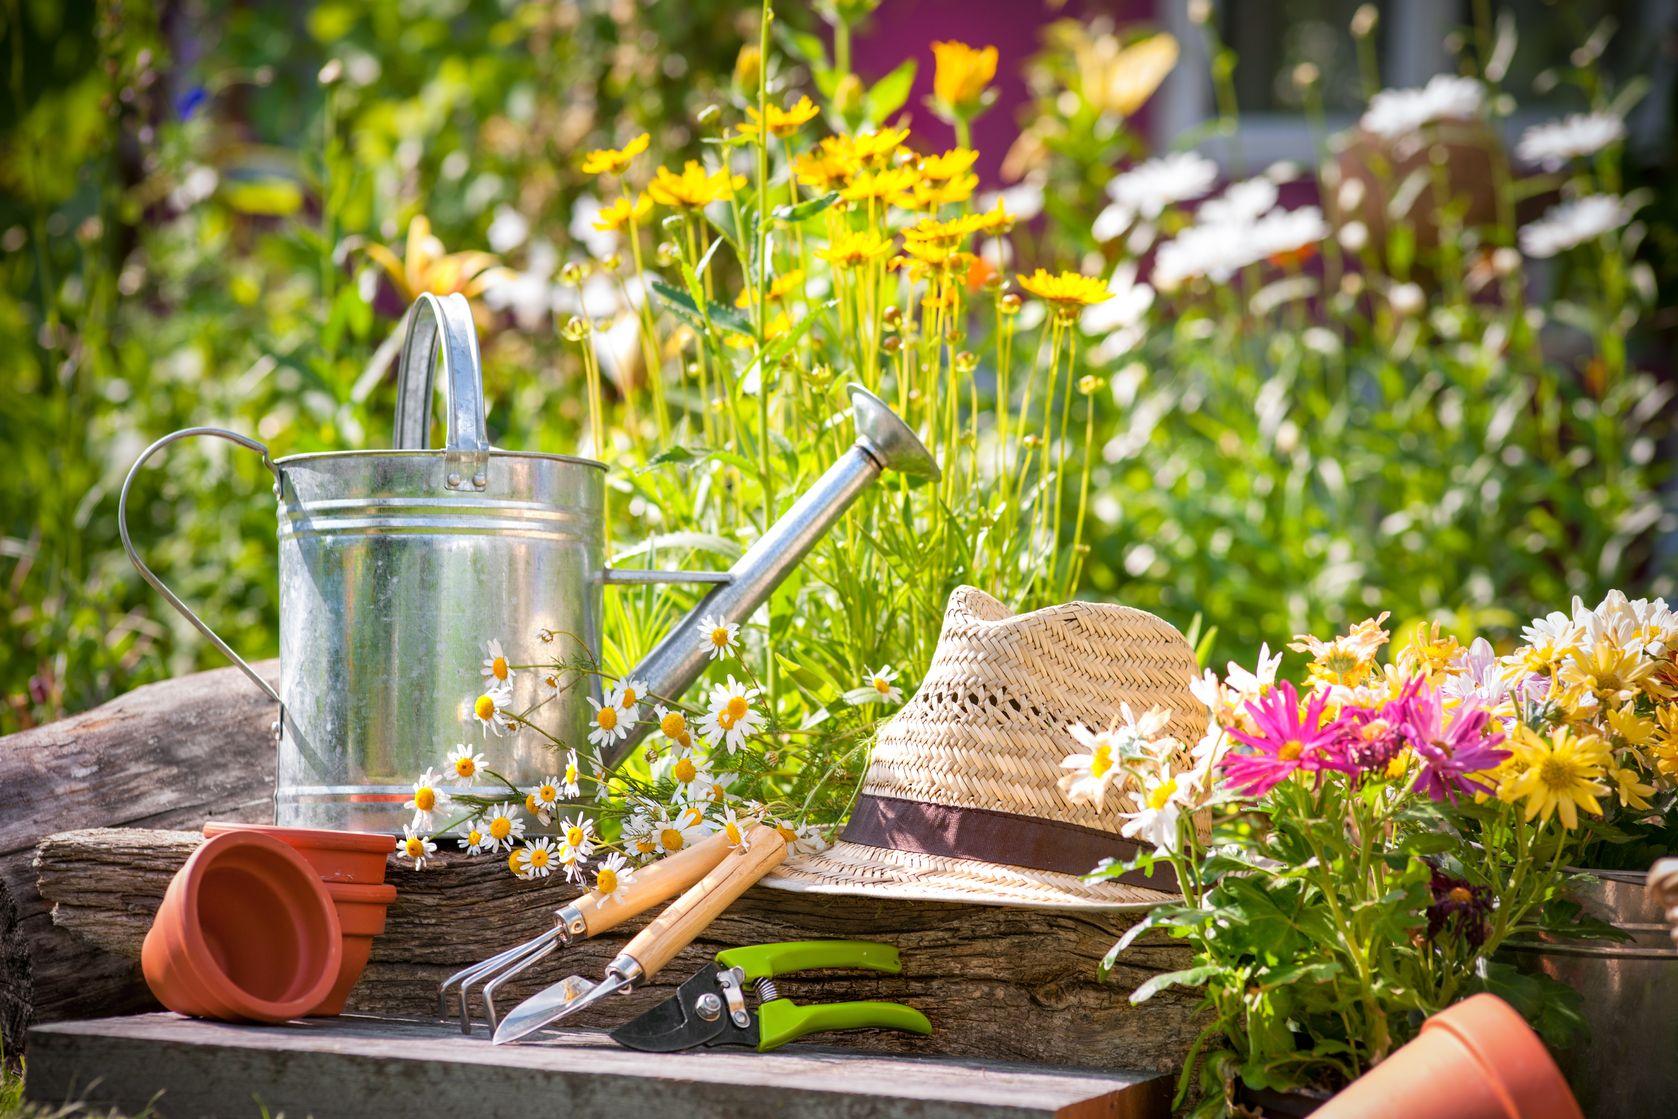 prendre soin, cultiver, arroser, tailler les plantes, les fleurs, les arbres et les arbustes, idée que faire pour aménager son jardin